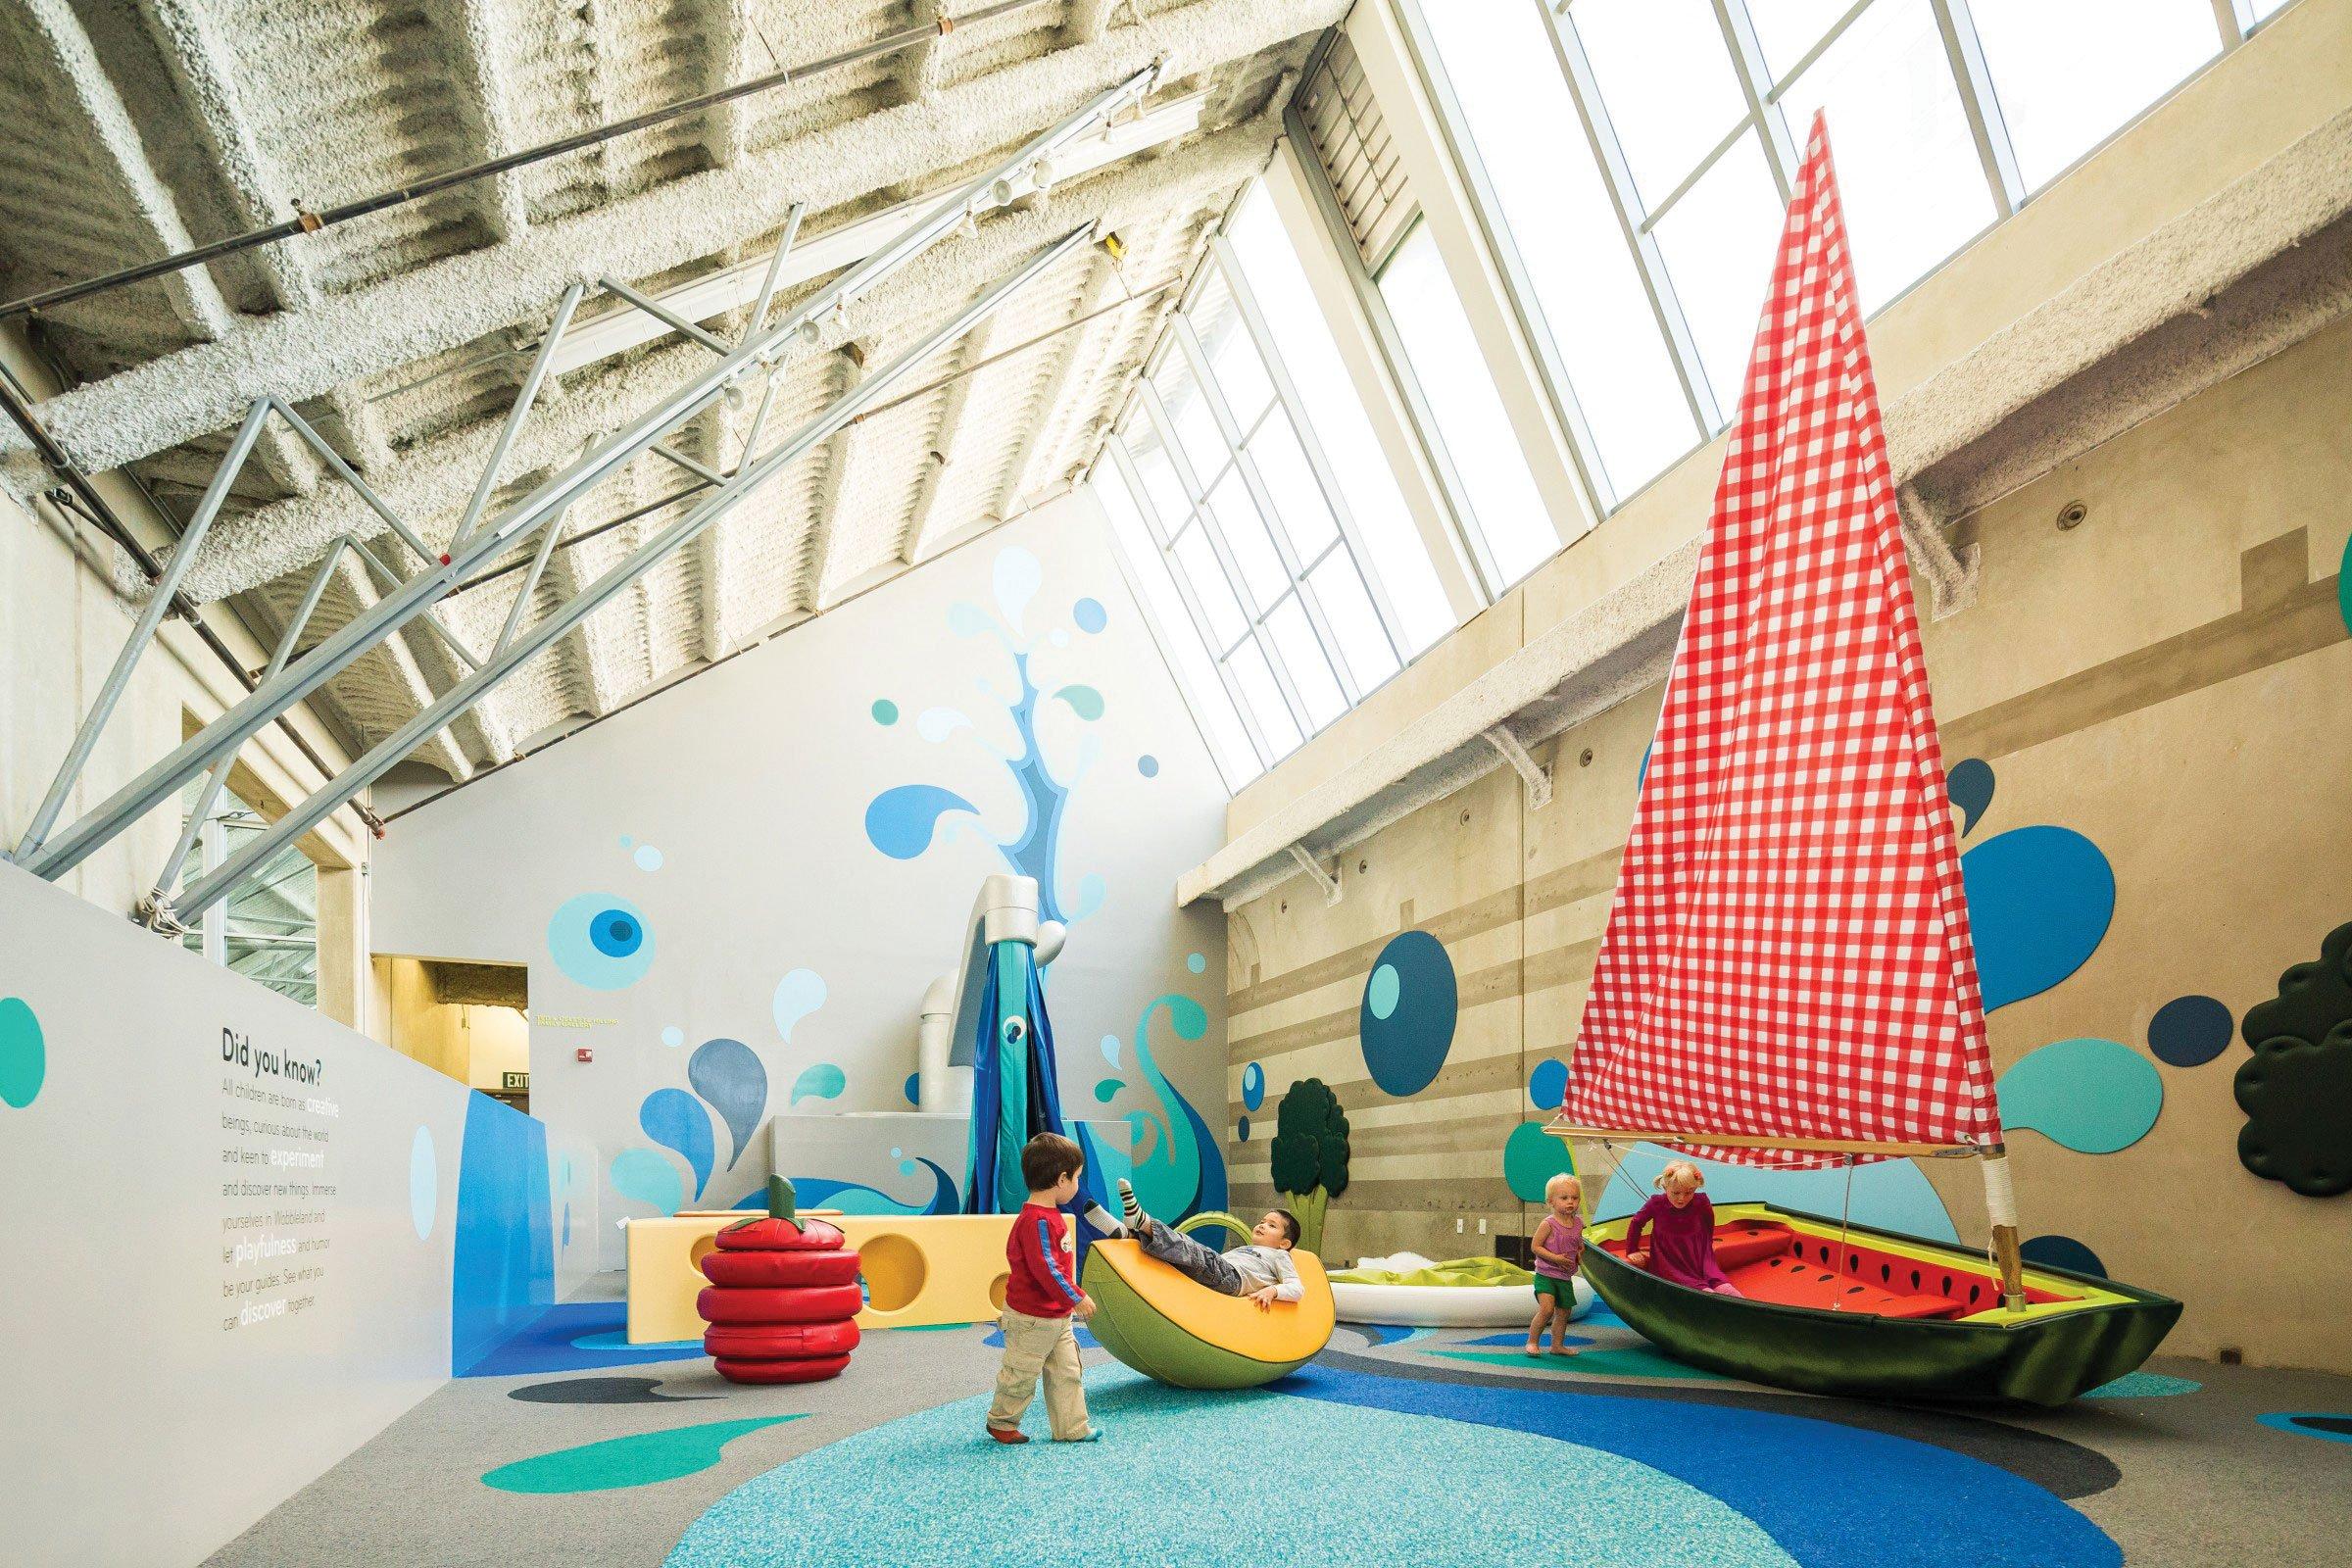 New Children's Museum san diego elena skidmore